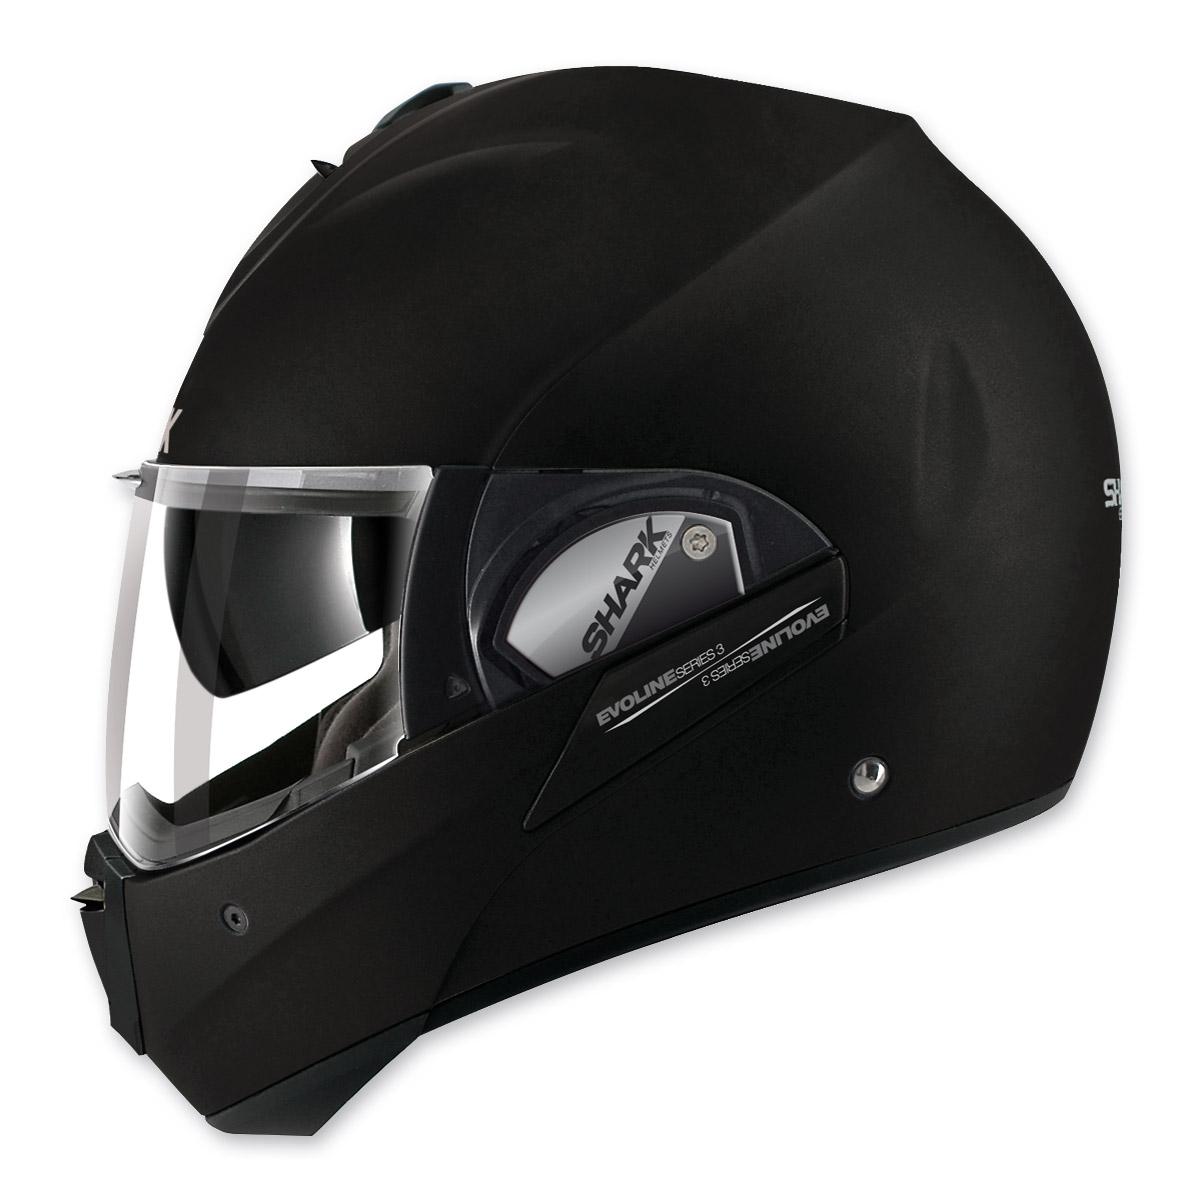 Shark Evoline 3 Uni Matte Black Modular Helmet